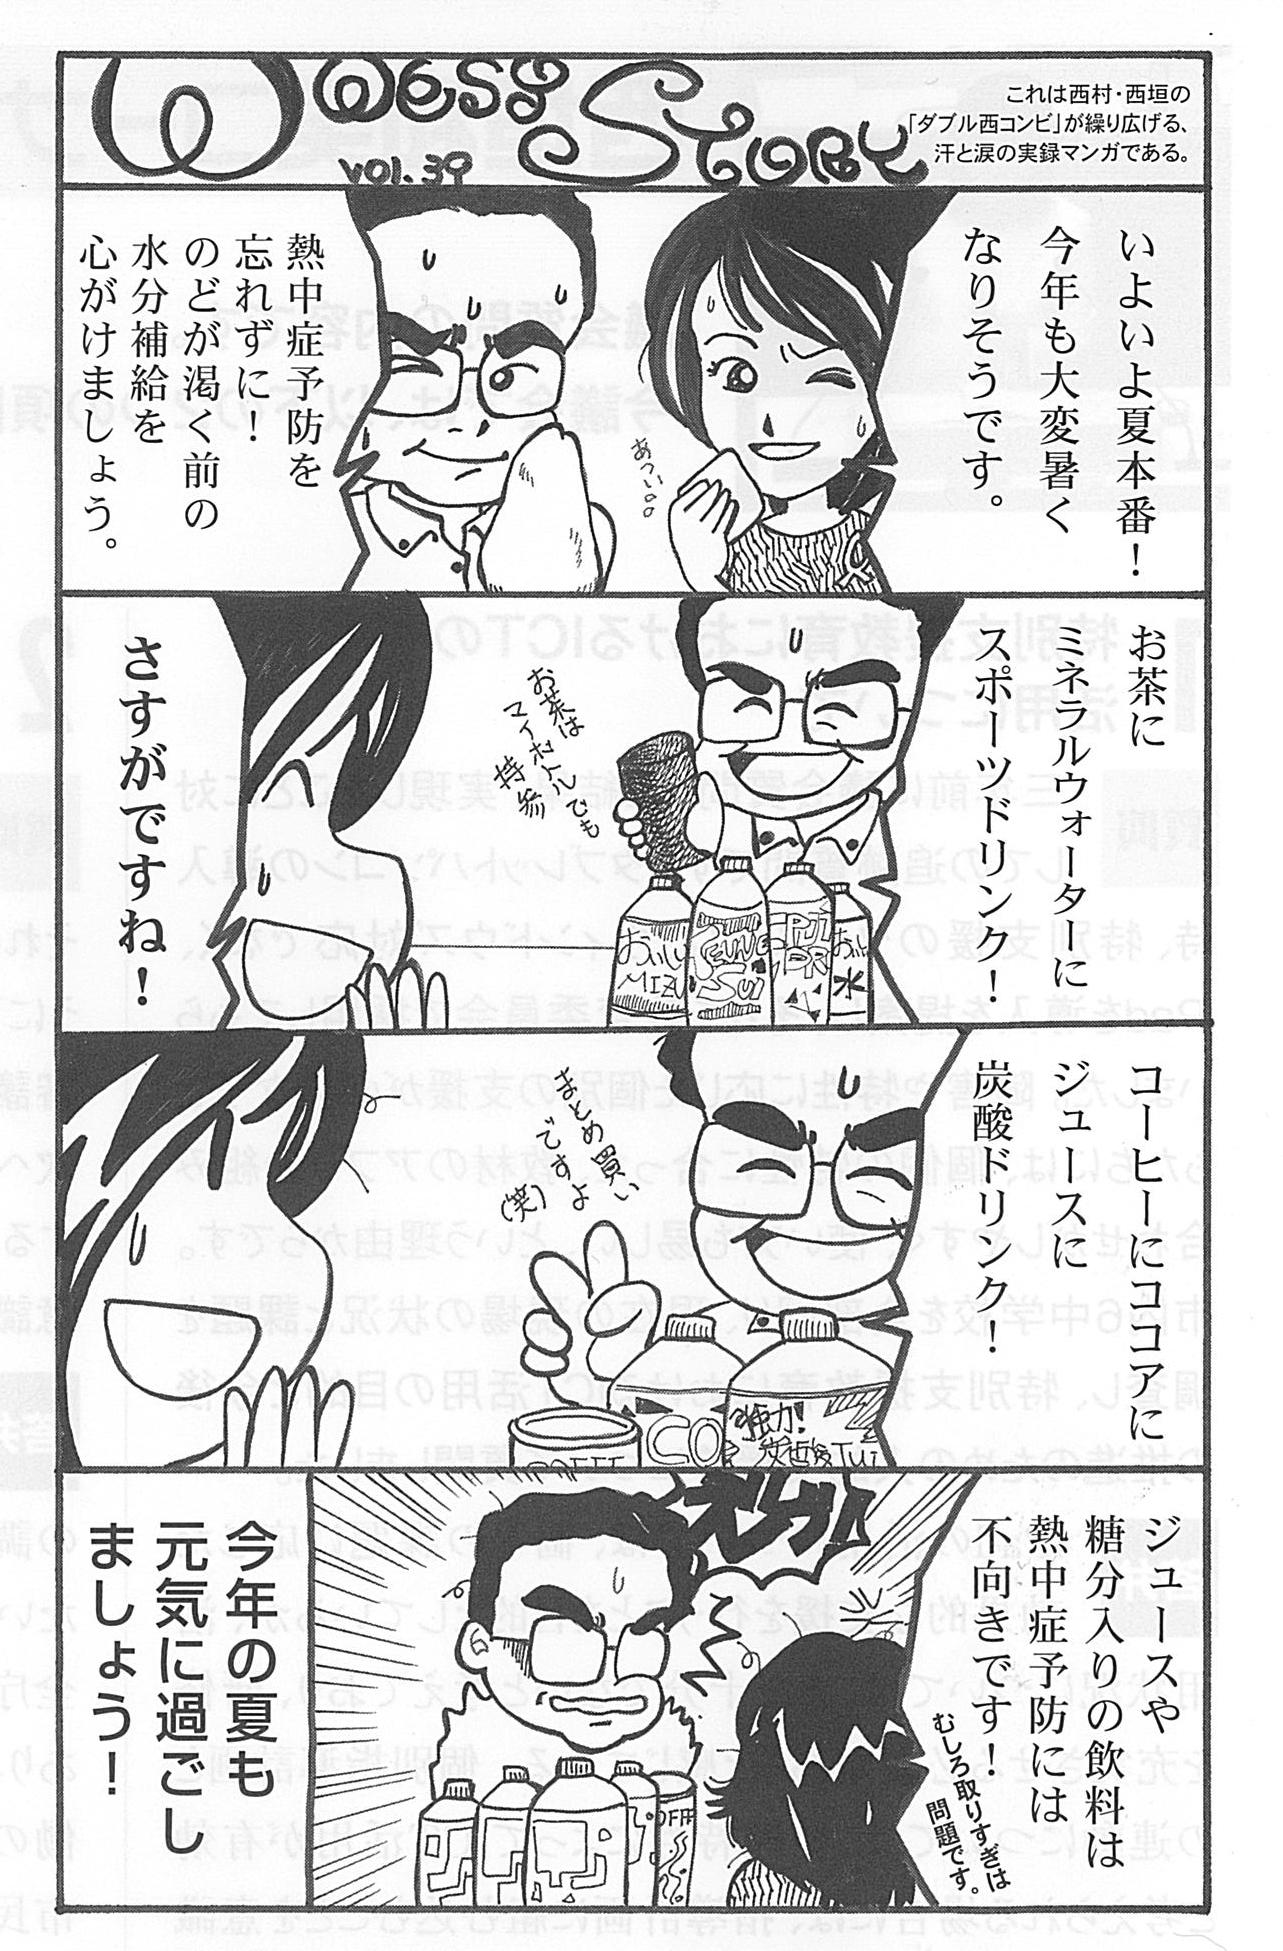 jitsuroku_vol39.jpg